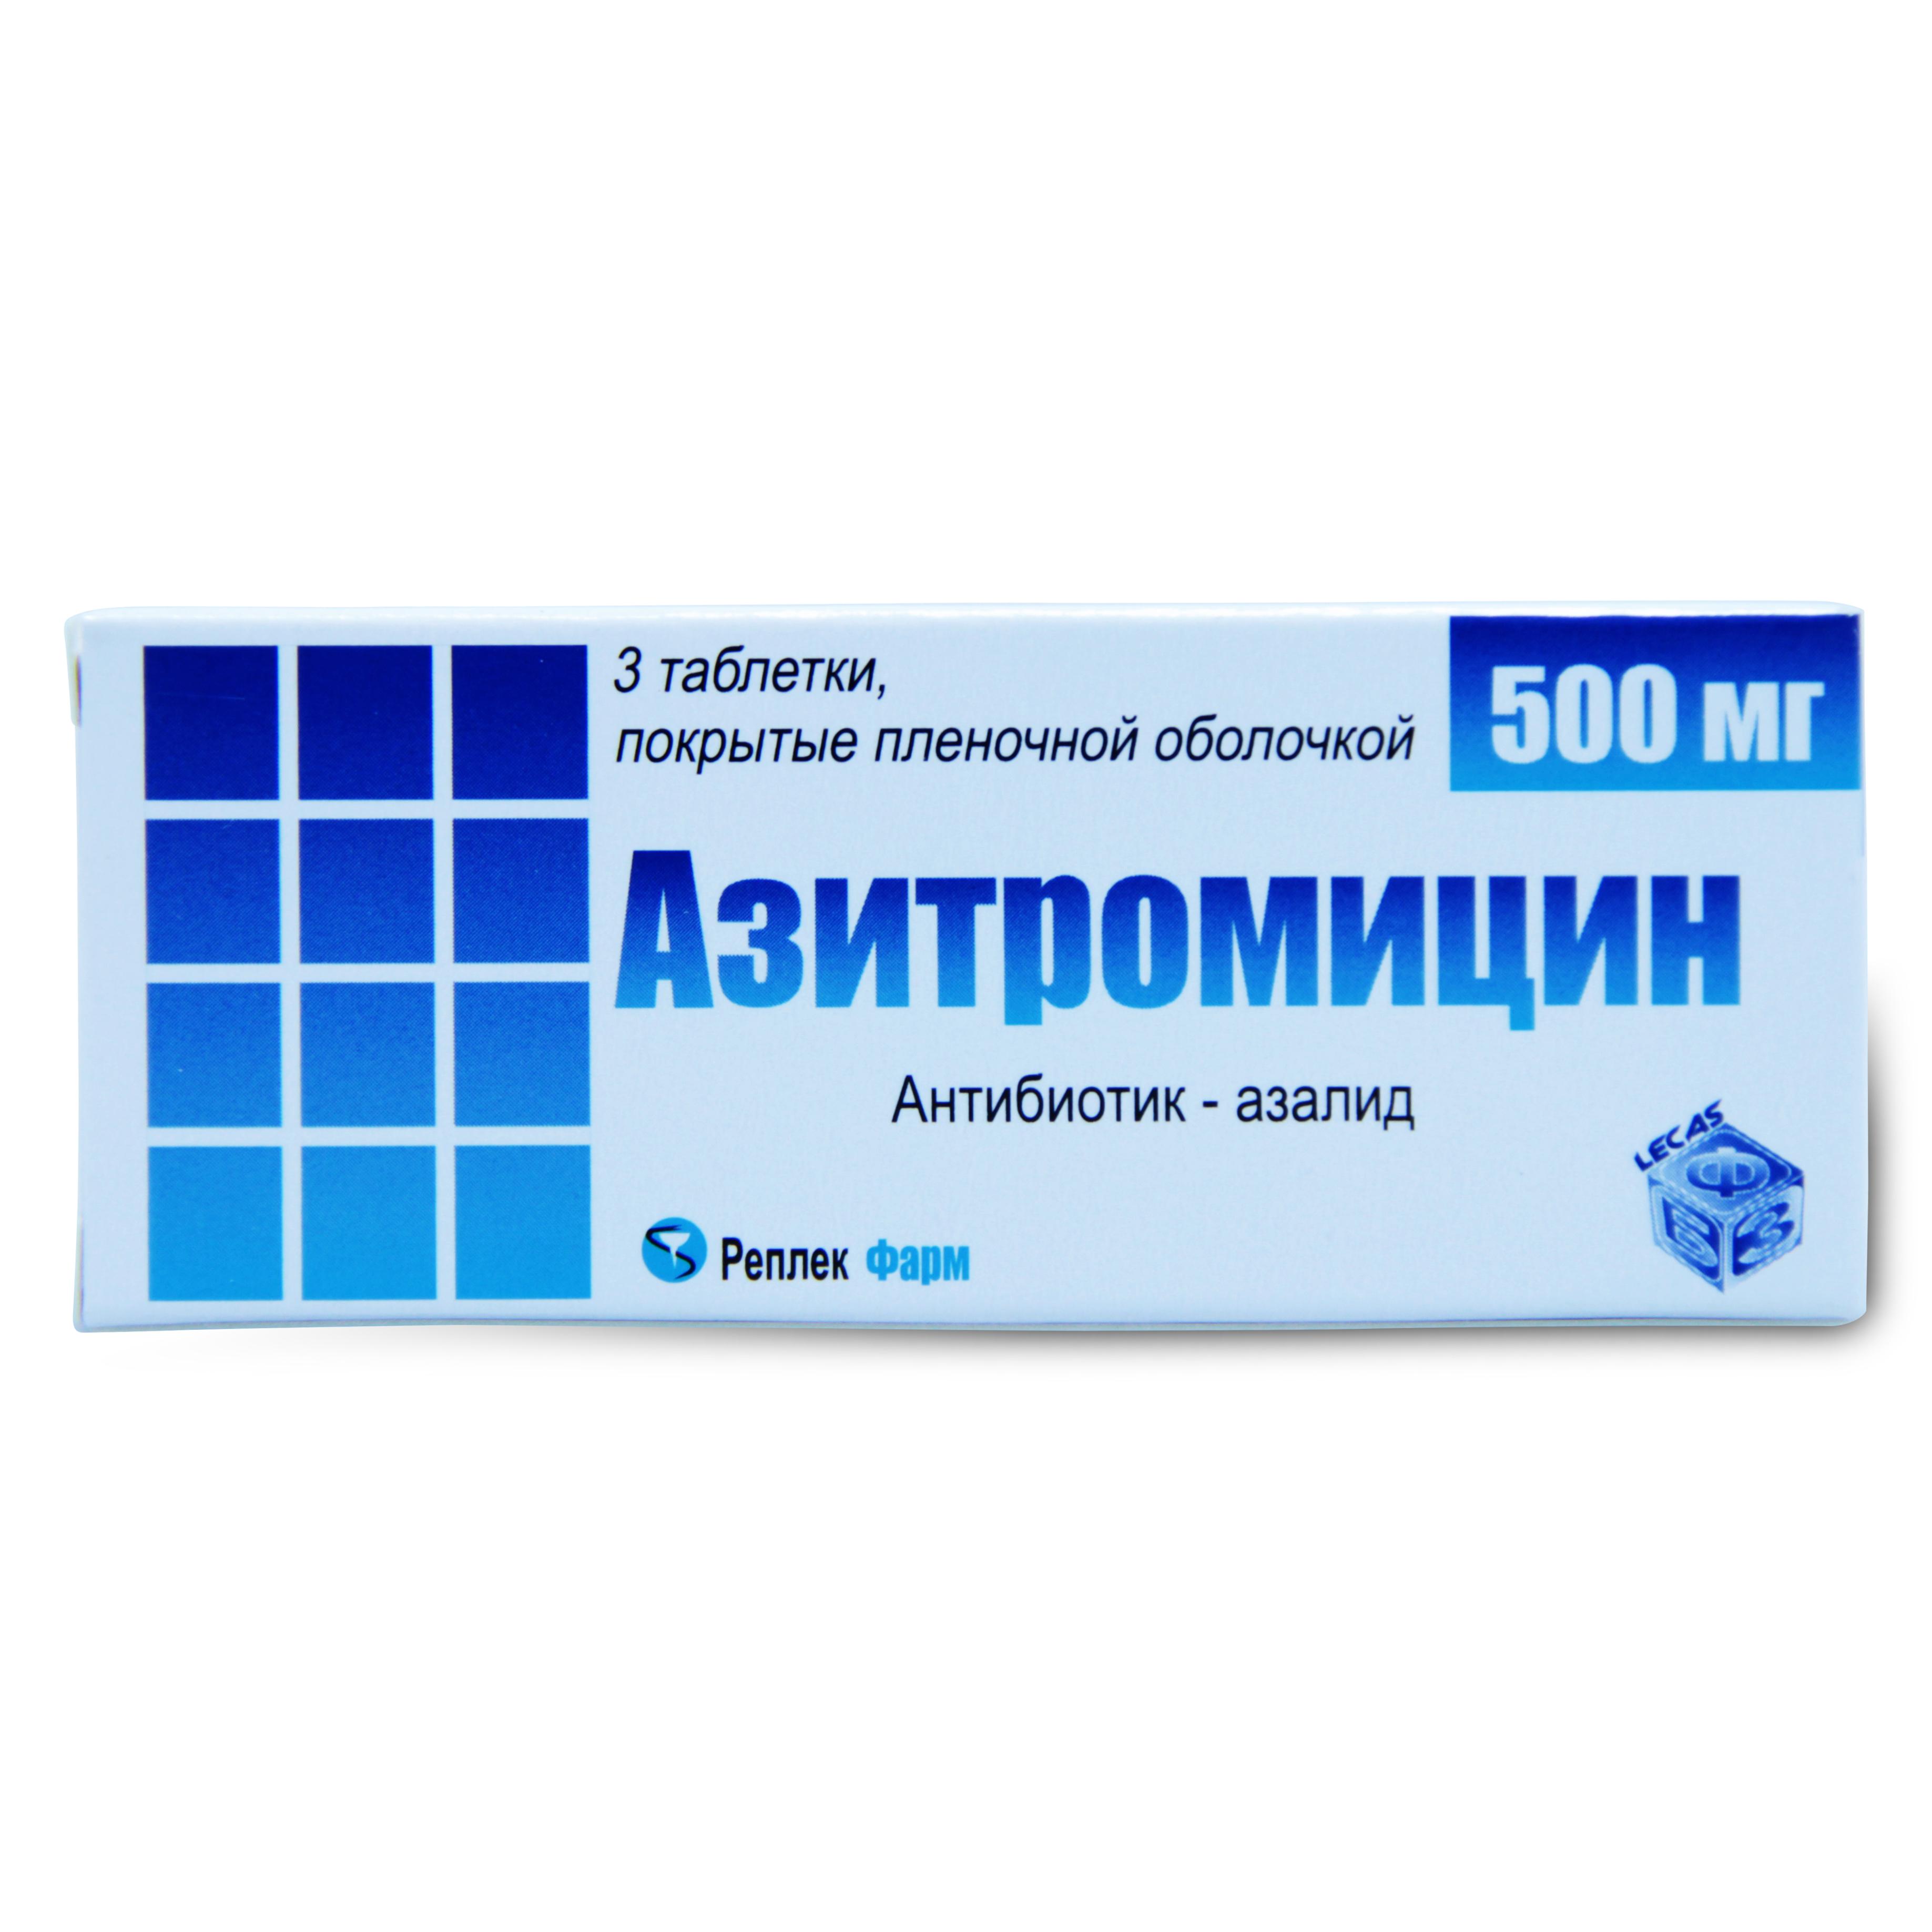 Азитромицин – инструкция по применению, цена, отзывы, таблетки, капсулы